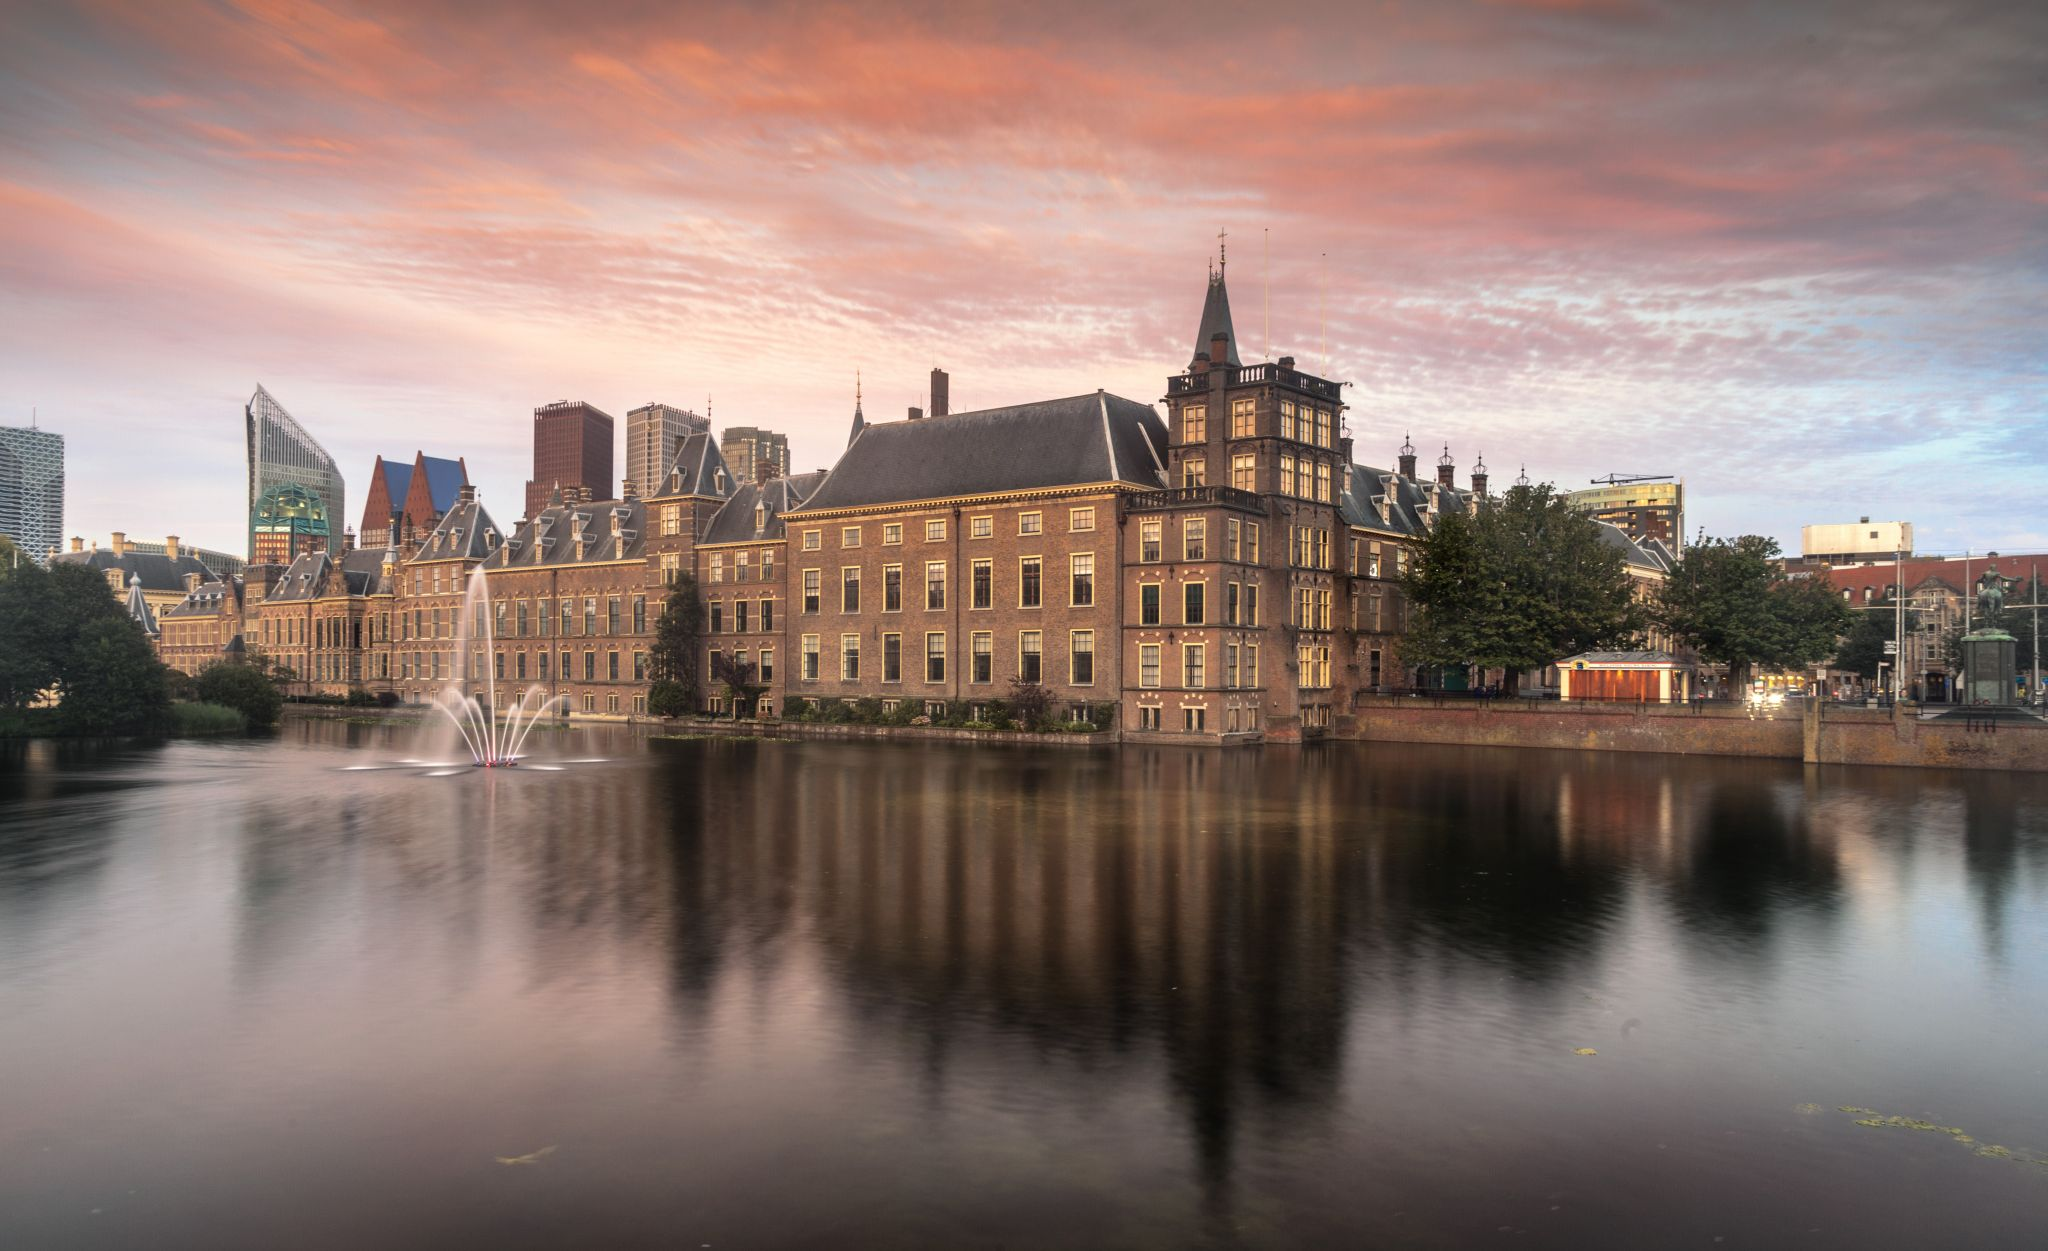 Buitenhof - The Hague, Netherlands